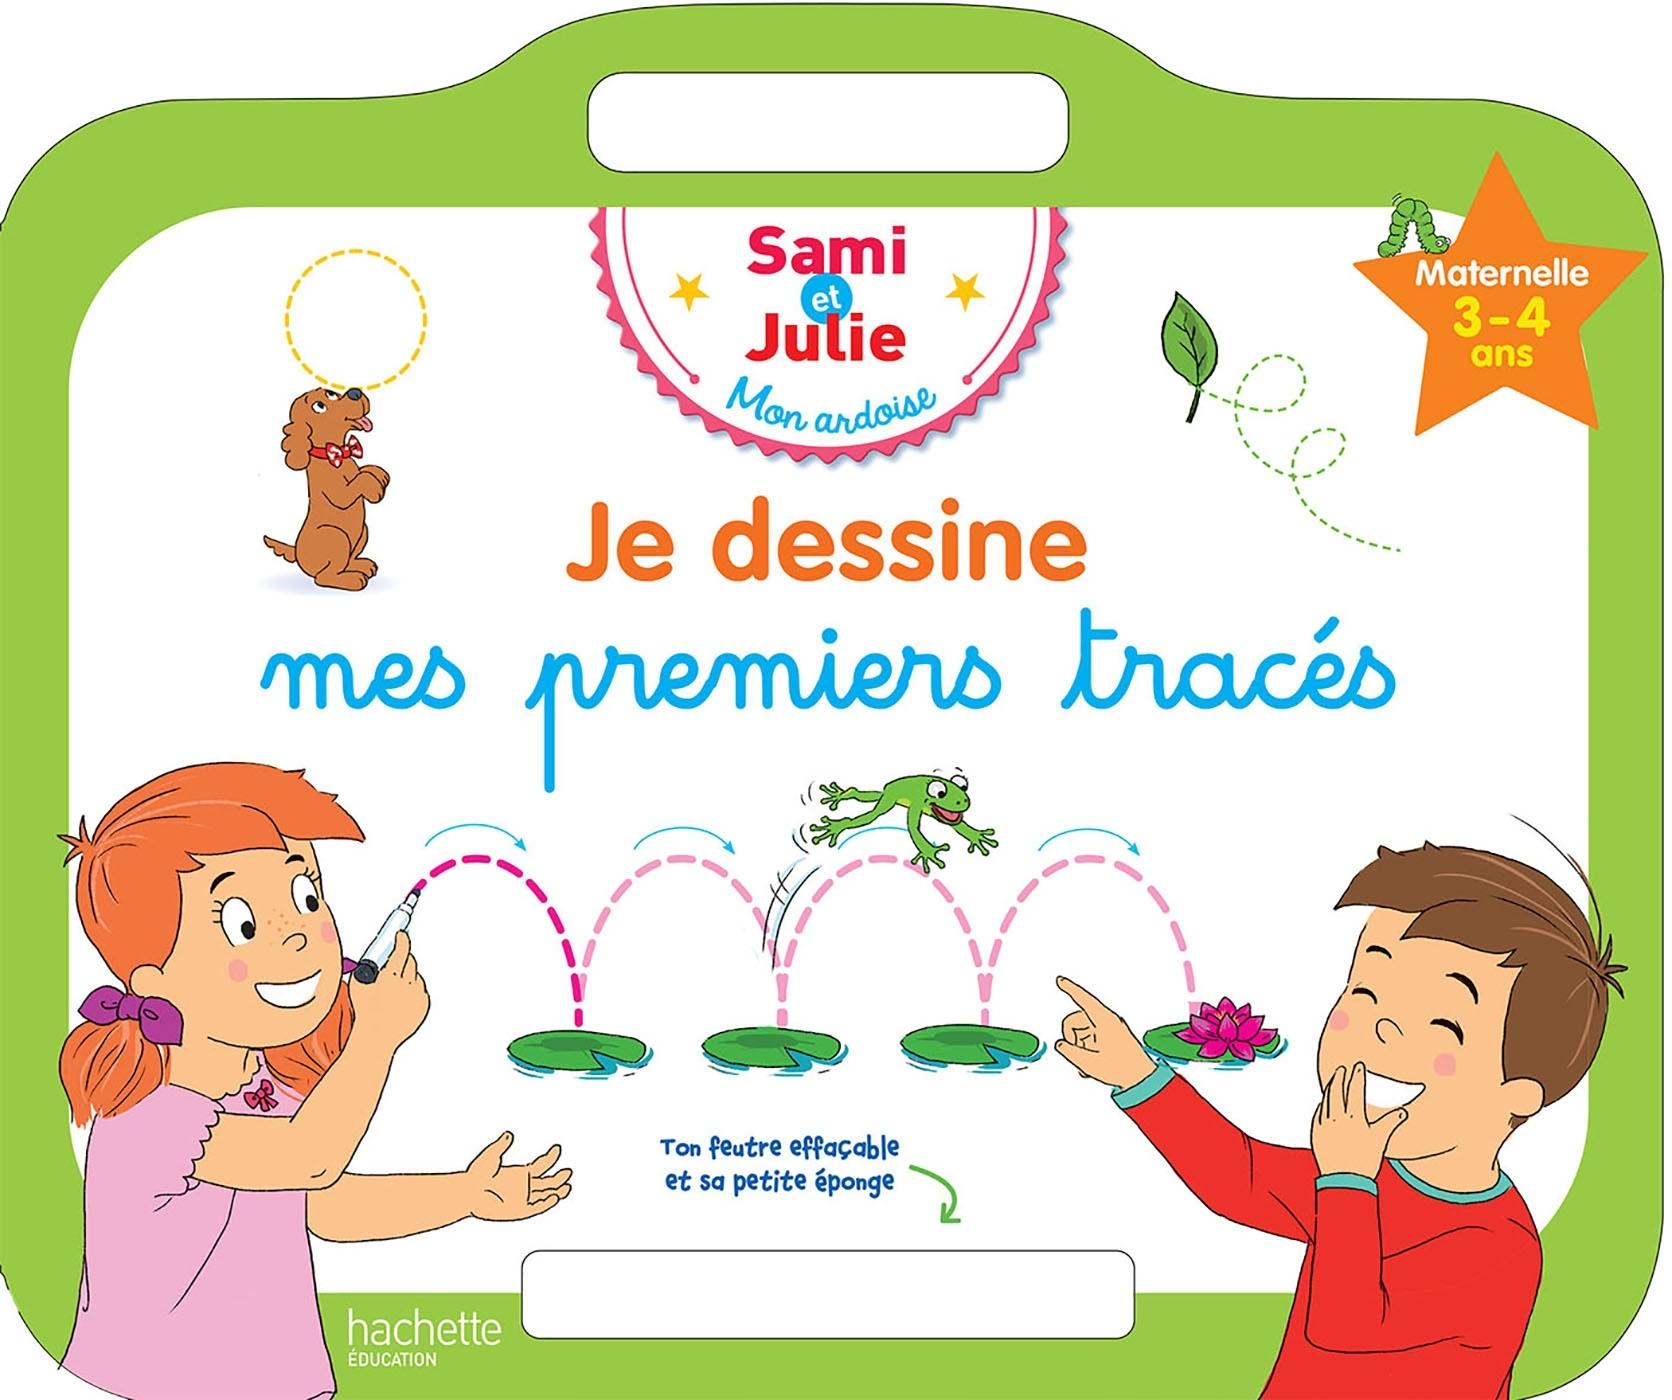 SAMI ET JULIE - ARDOISE JE DESSINE MES PREMIERS TRACES 3-4 ANS